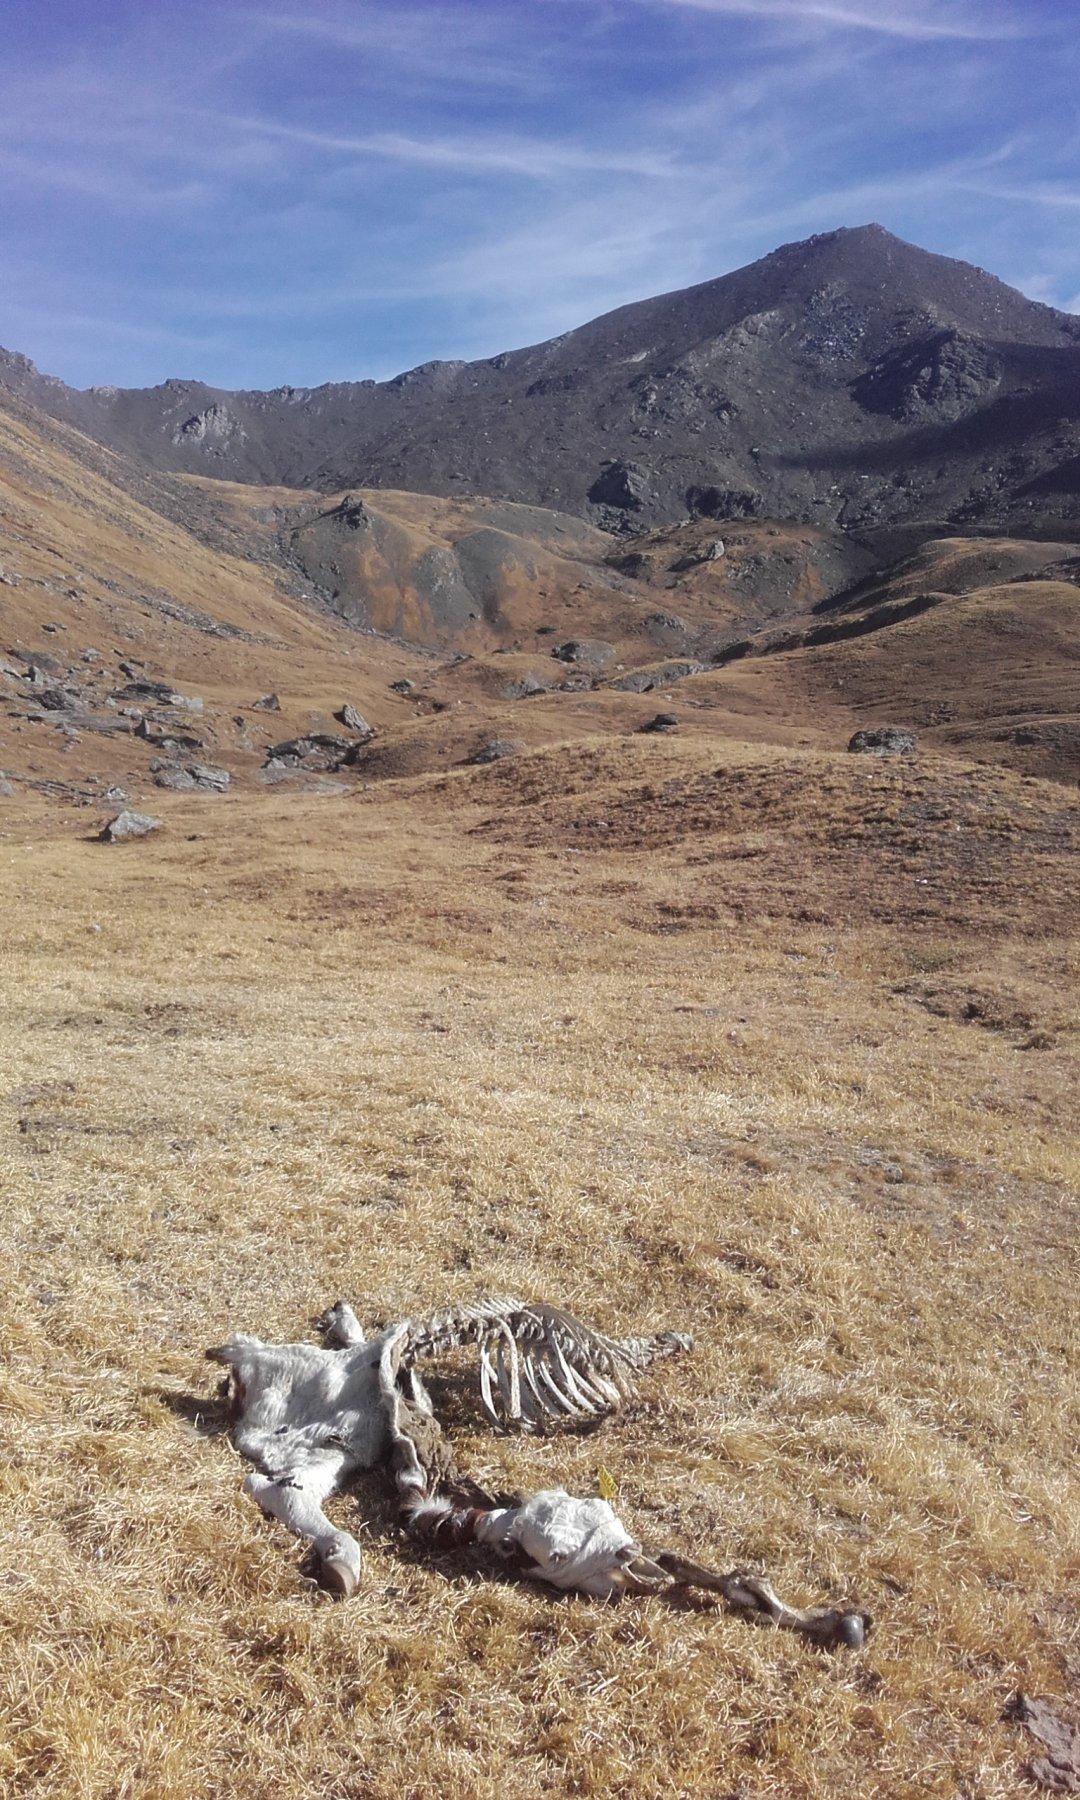 zona frequentata dai lupi